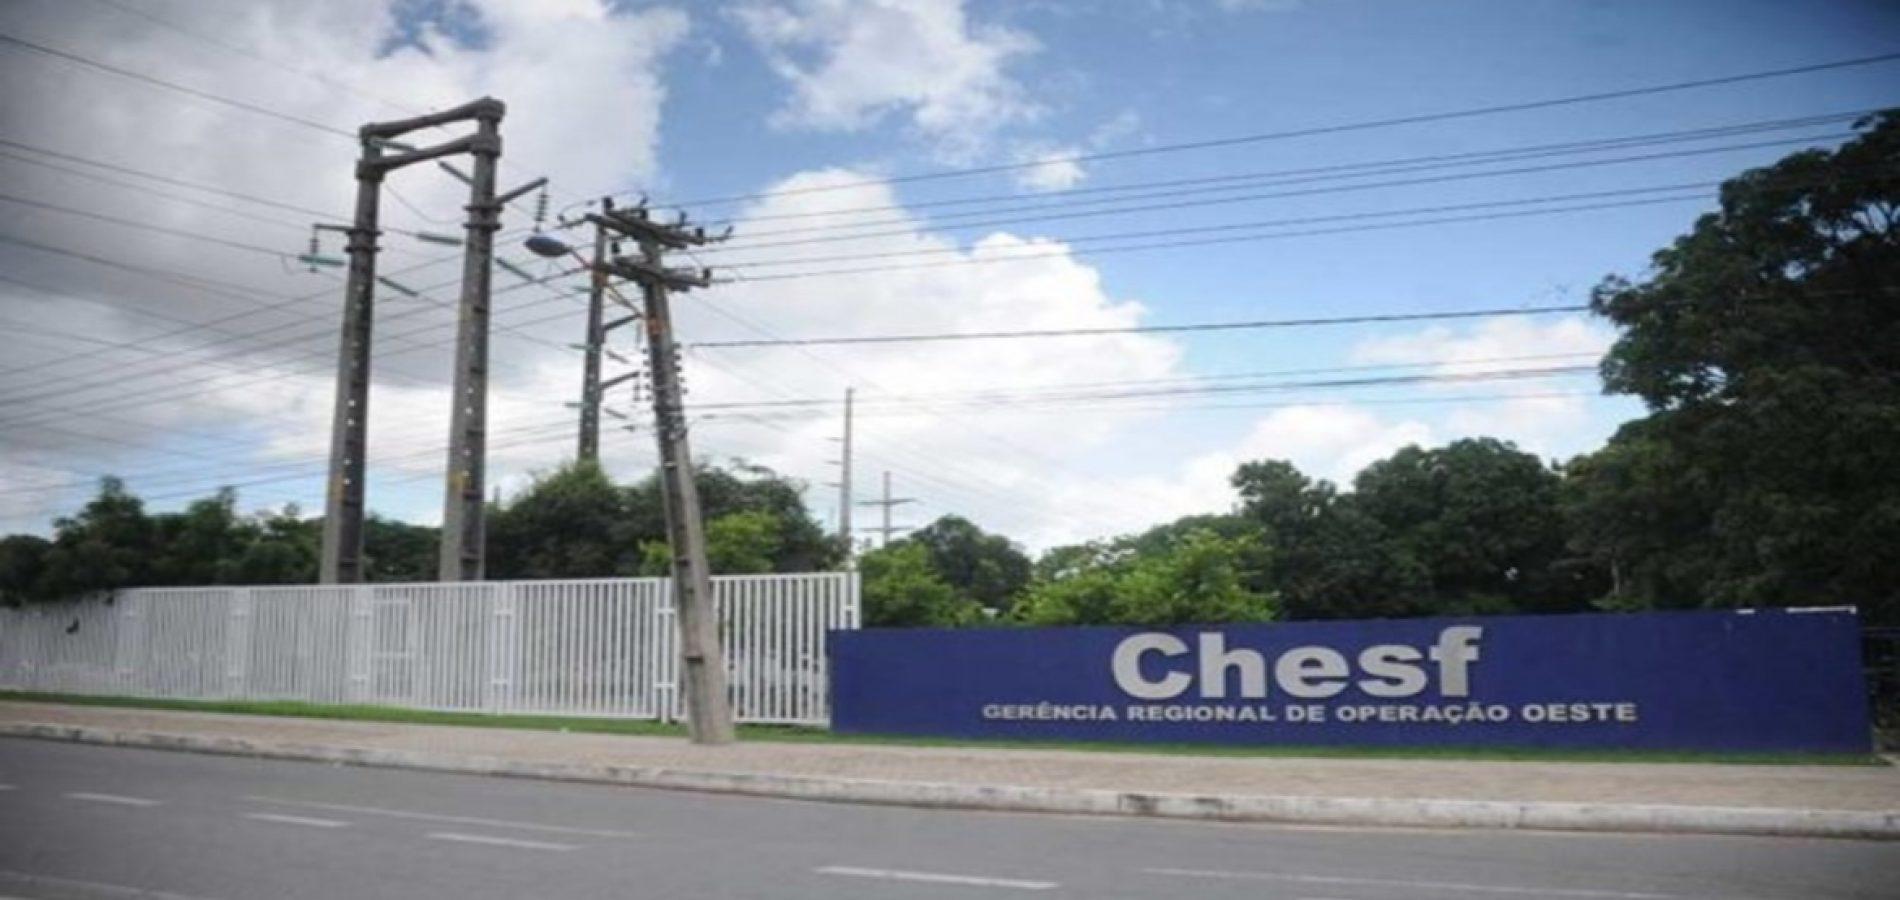 Trabalhadores podem paralisar atividades contra transferência da Chesf para o Ceará